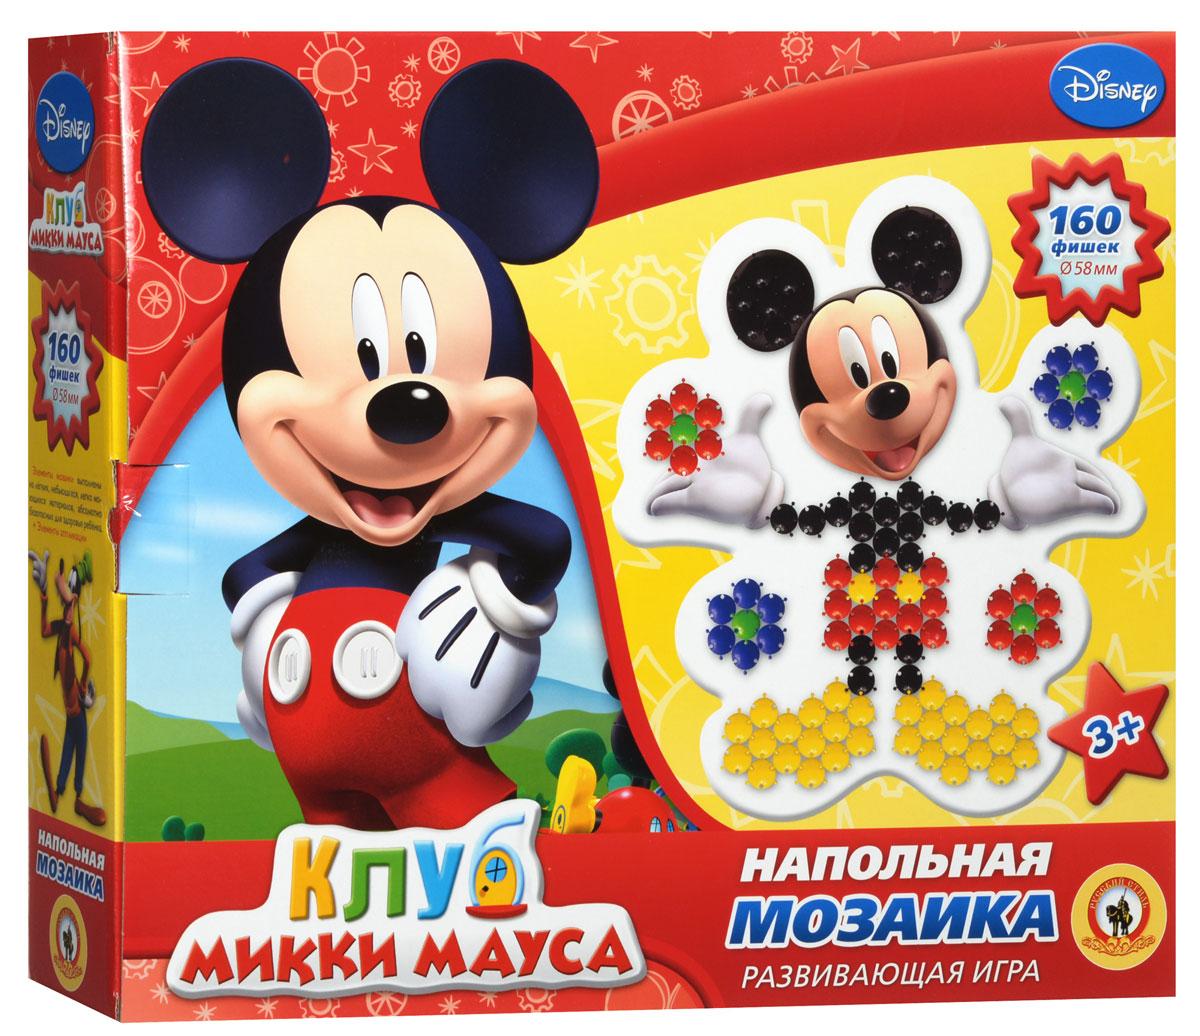 Русский стиль Мозаика напольная Клуб Микки Мауса03982Мозаика напольная Русский стиль Клуб Микки Мауса - увлекательная развивающая игра для детей от трех лет и старше. Игра разовьет у ребенка творческие способности, воображение, координацию движений, мелкую моторику рук и ориентировку на плоскости. Рисунки, представленные на упаковке и в книжке-подсказке, являются только примером, так как эта универсальная мозаика раскрывает перед ребенком неограниченные возможности моделирования и создания множества своих собственных рисунков. Элементы выполнены из легких, небьющихся материалов, абсолютно безопасных для здоровья ребенка. Дизайн элементов (наличие в них специальных углублений) дает возможность легко извлекать фишки, располагающиеся в центре созданного рисунка. Специально разработанный вид крепления помогает создавать подвижные конструкции.